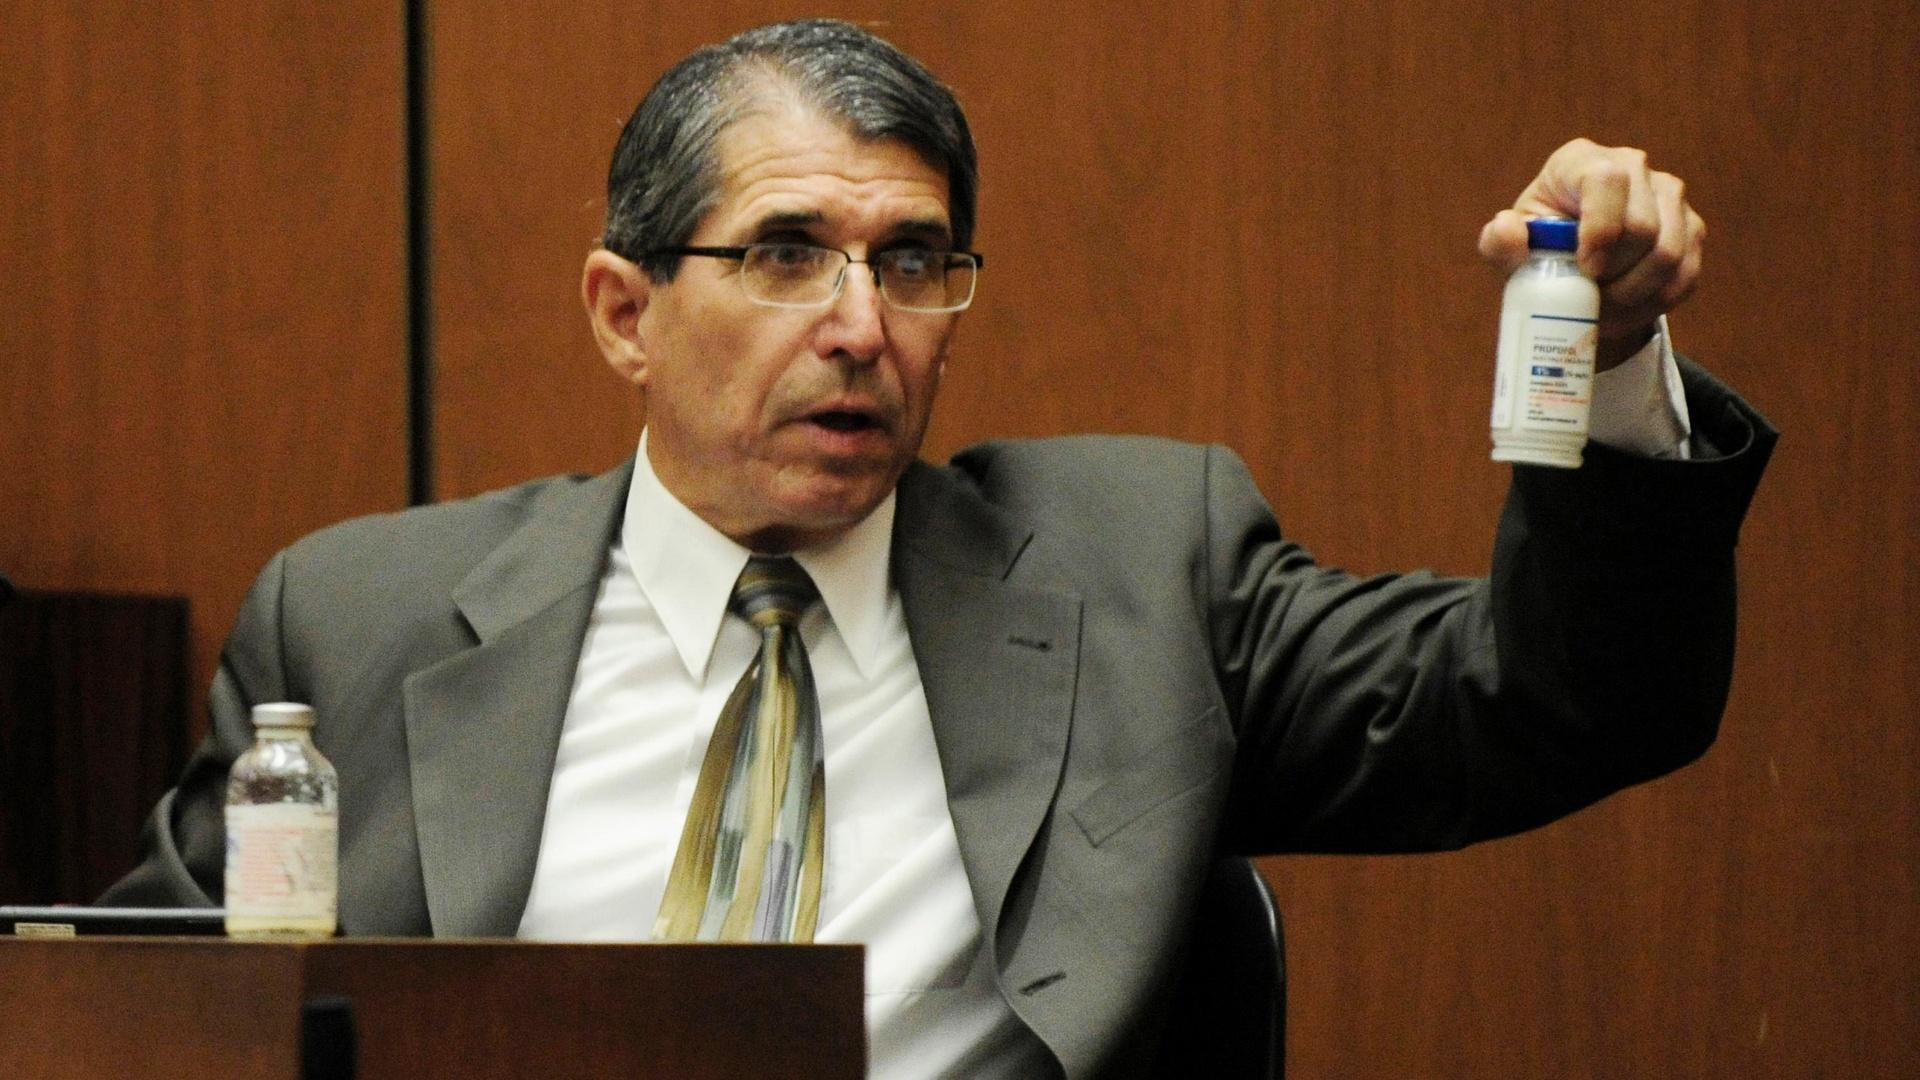 O anestesiologista Paul White, especialista em propofol, dá seu depoimento como testemunha da defesa do médico Conrad Murray no julgamento pela morte de Michael Jackson